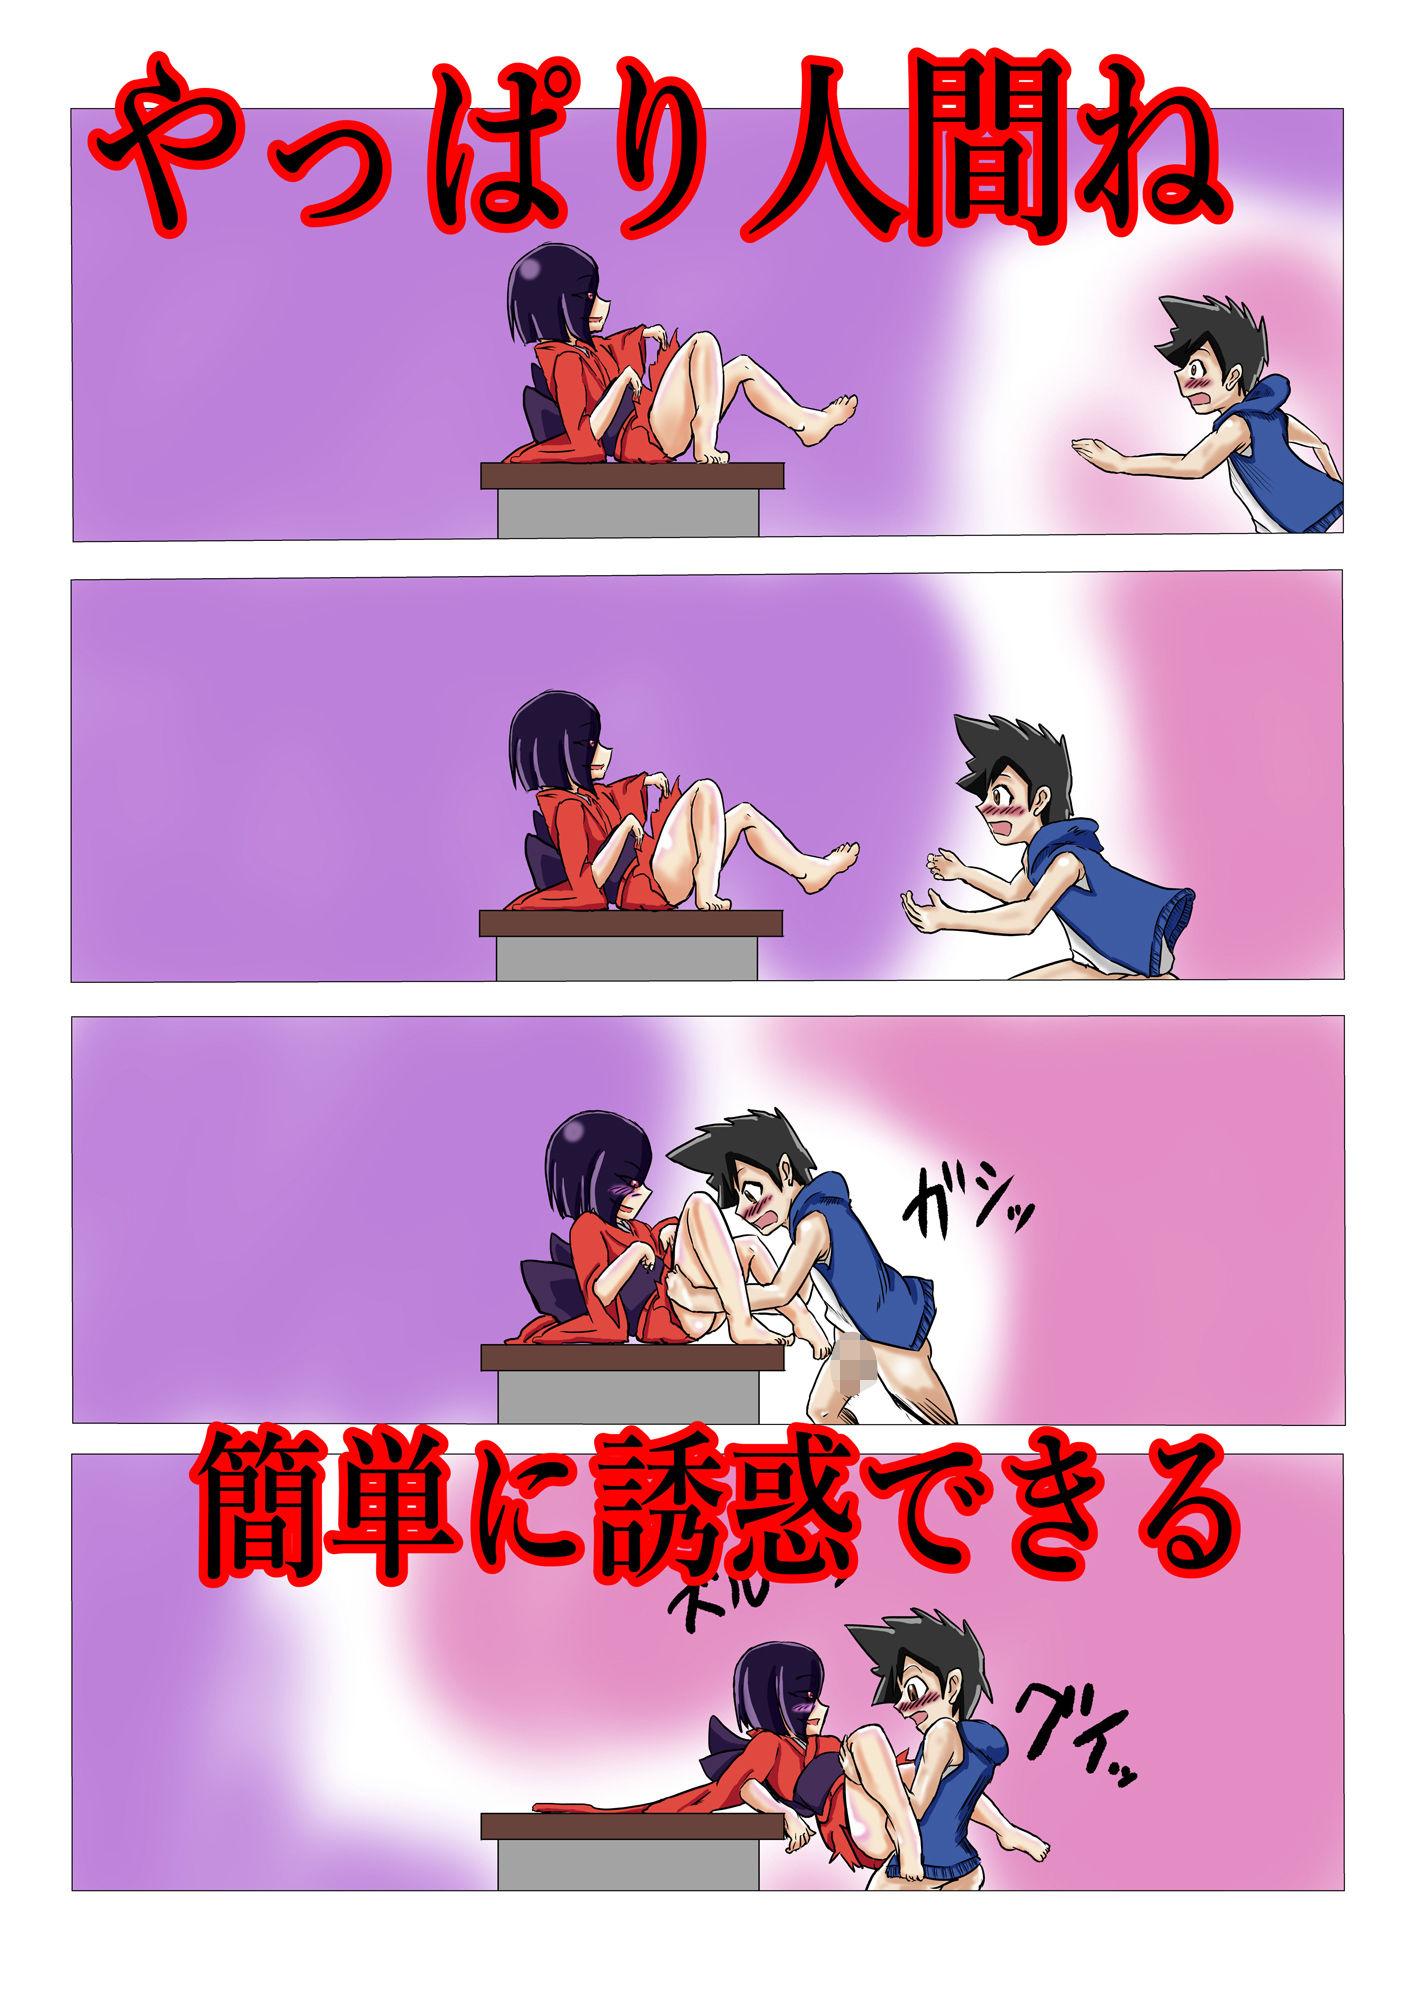 ふしぎ通信 学校の怪談だよりヤミコルートアニメ画像